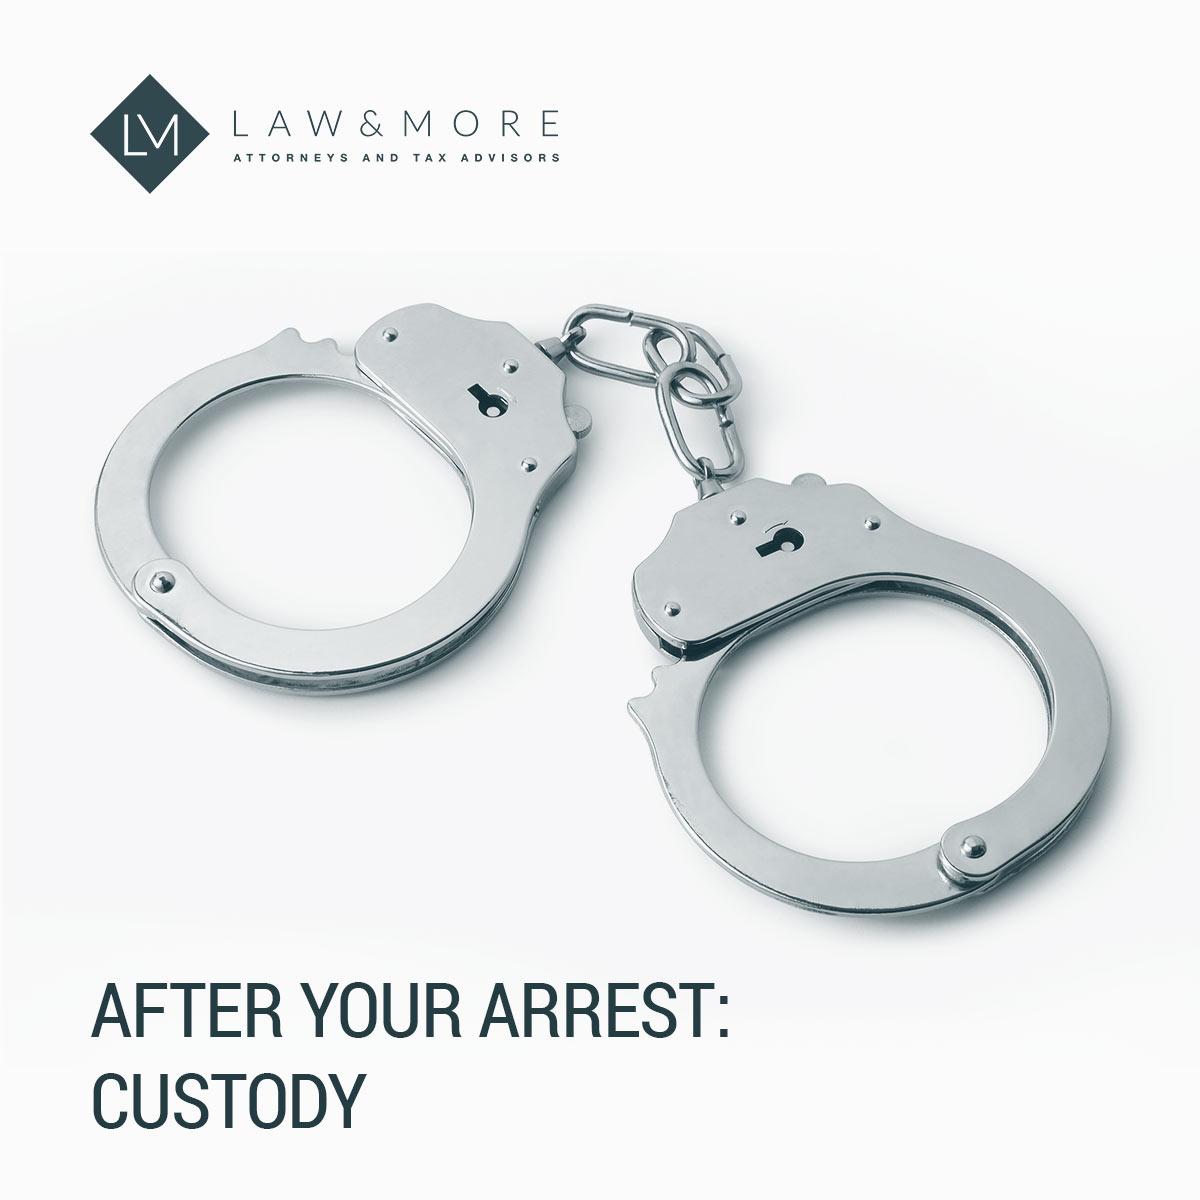 Po vašom zatknutí: väzba